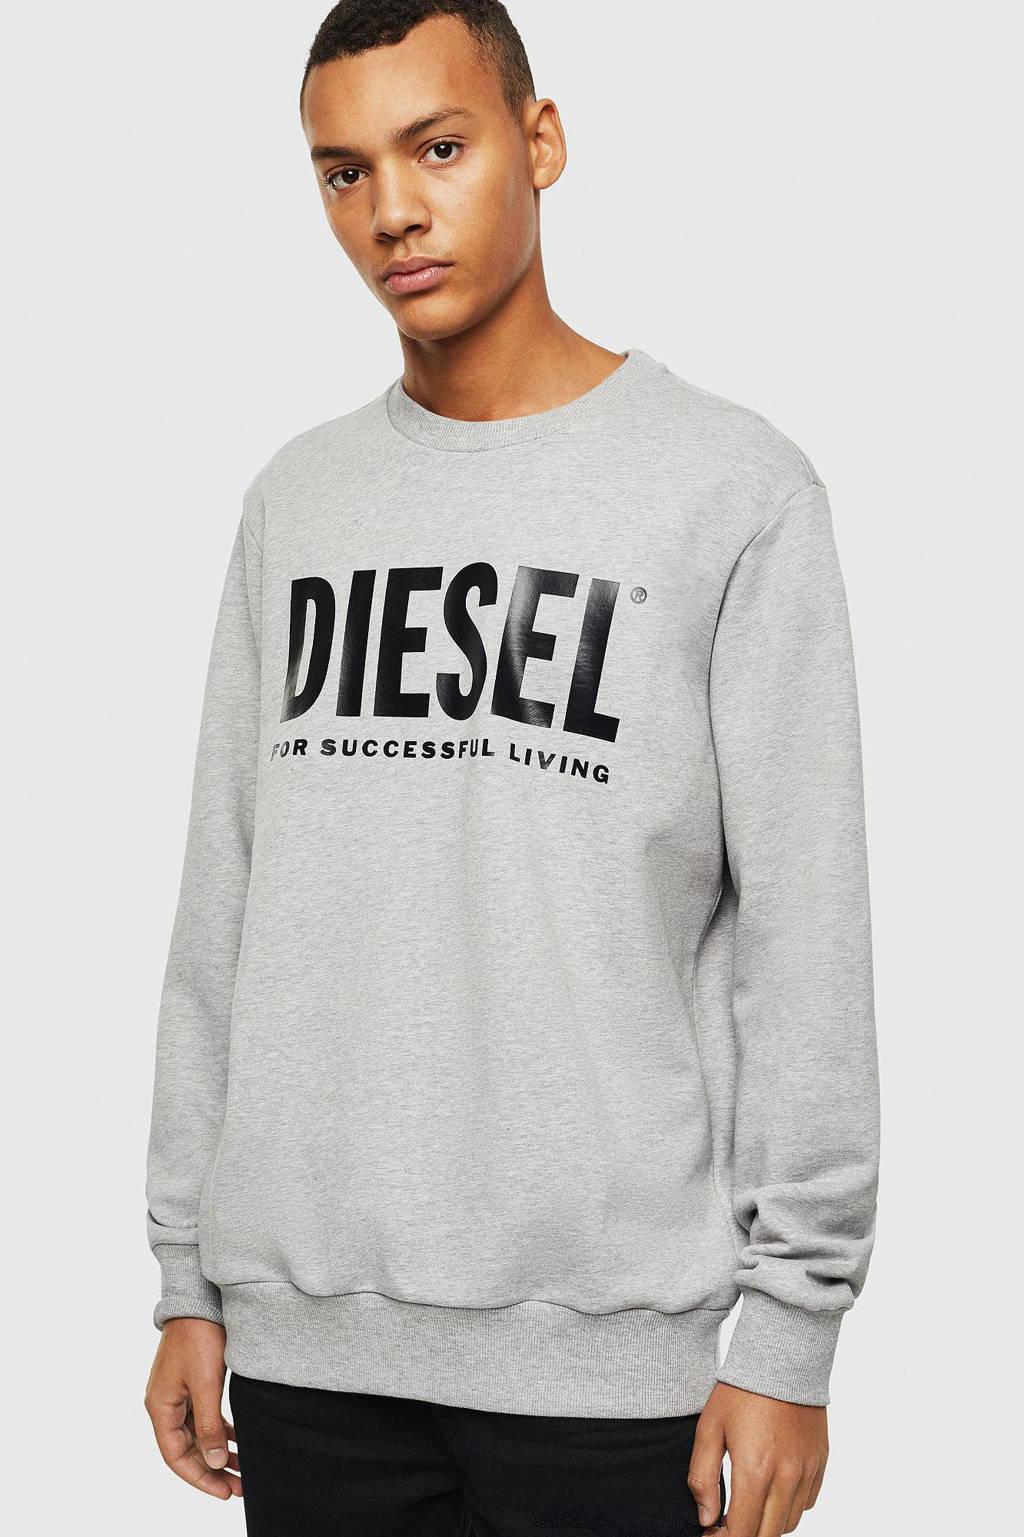 Diesel sweater met logo grijs melange, Grijs melange